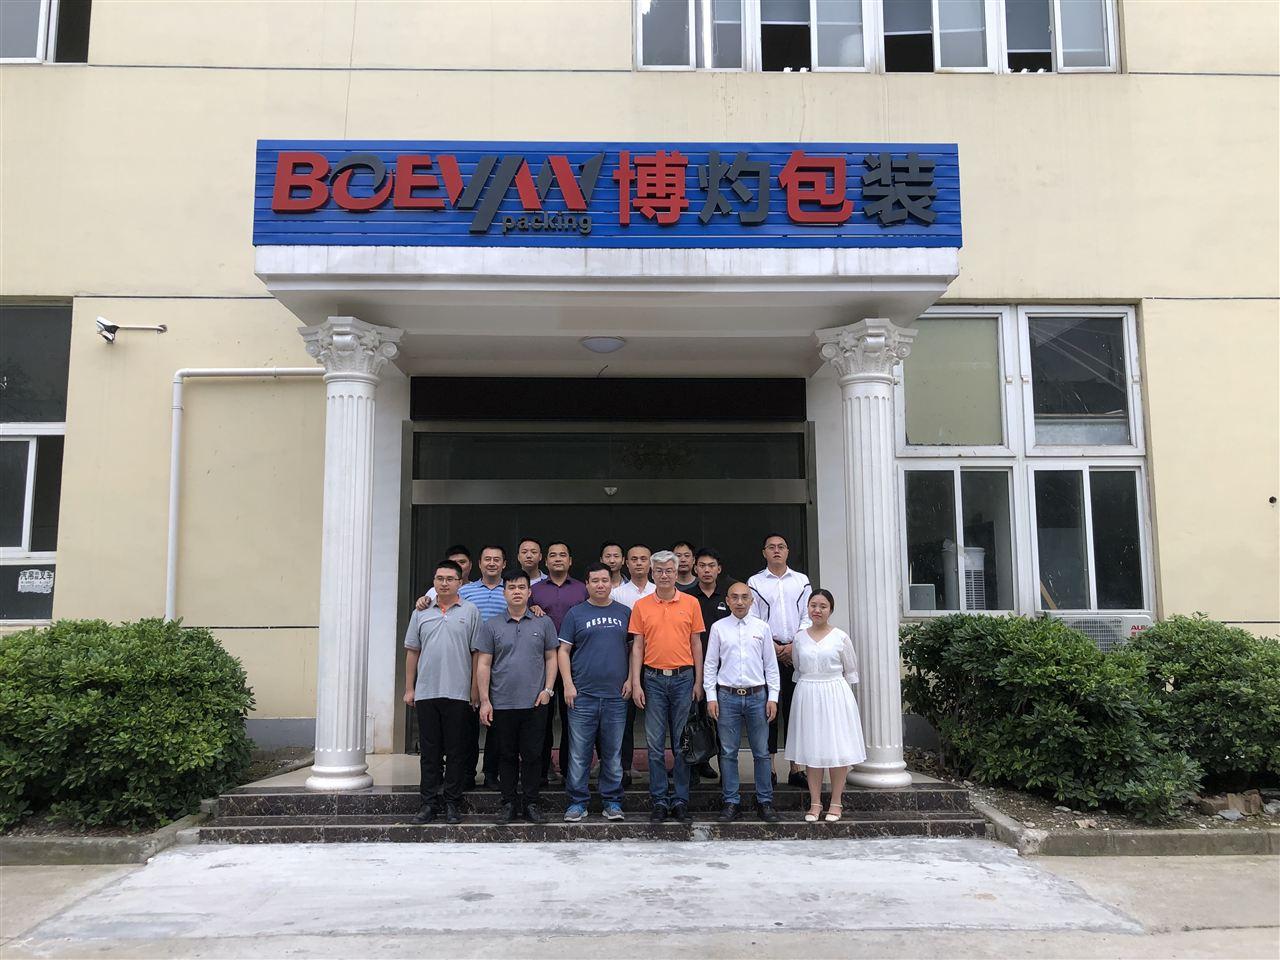 走访上海博灼万博体育官网客户端械万博手机注册登录